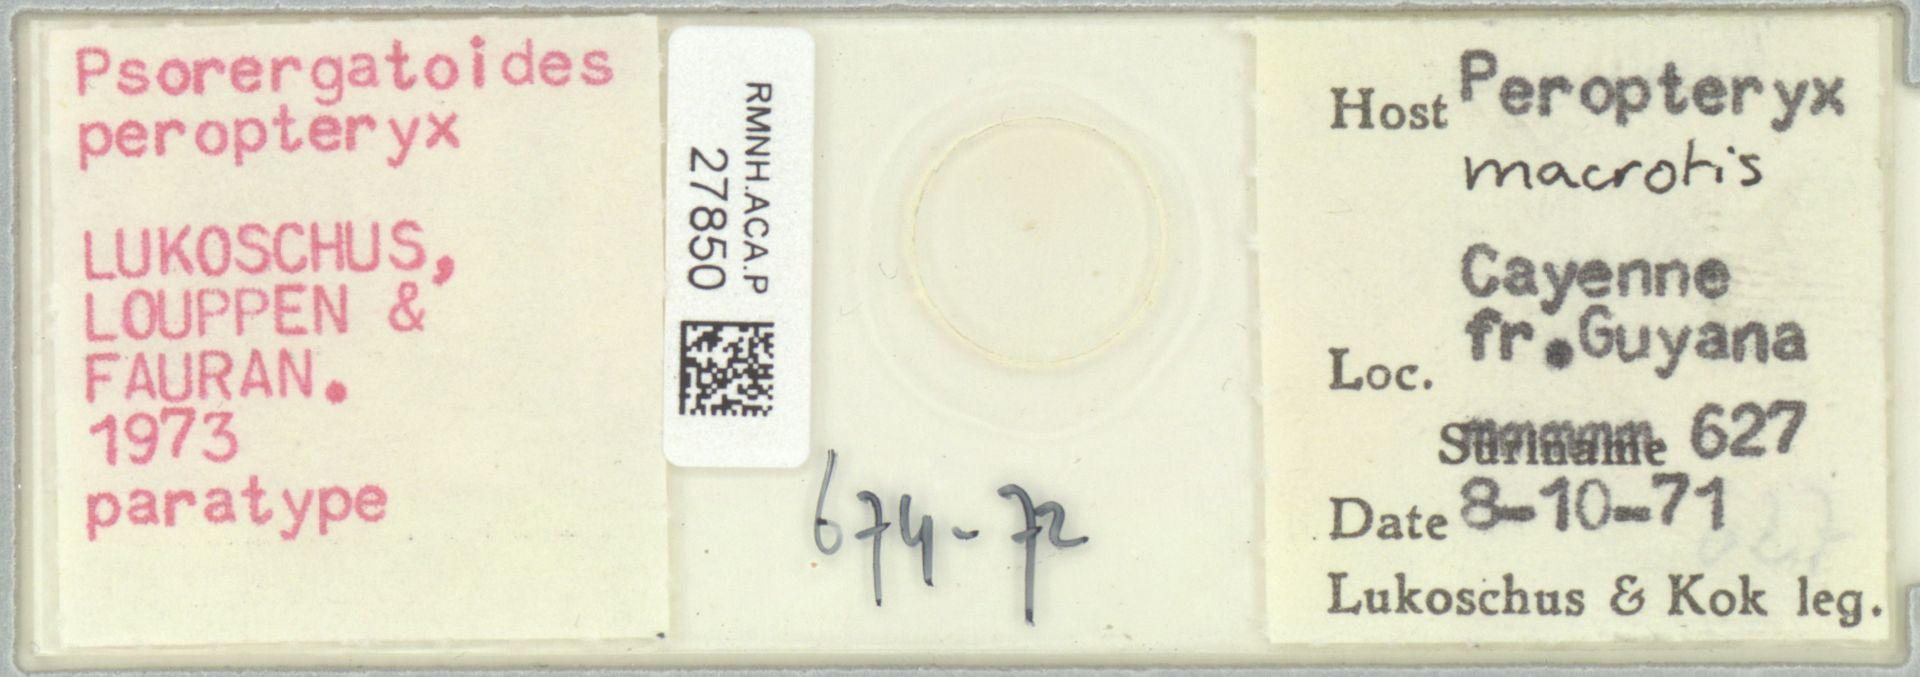 RMNH.ACA.P.27850   Psorergatoides peropteryx Lukoschus, Louppen & Fauran 1973